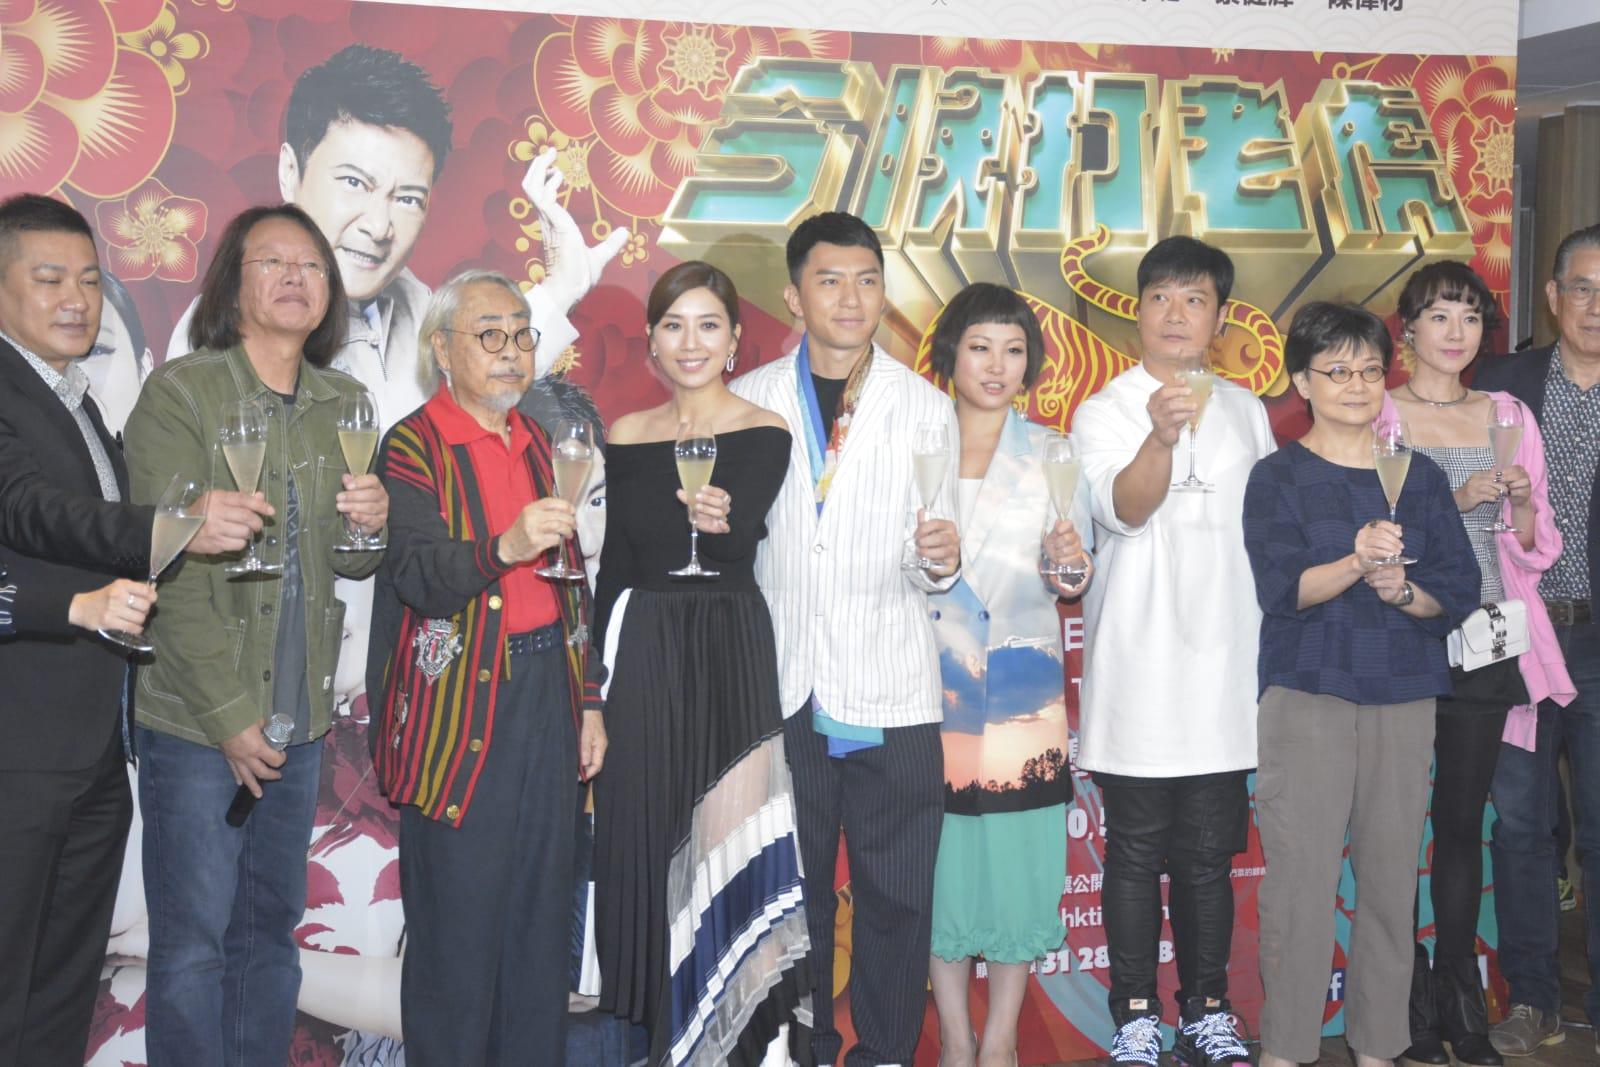 演員們齊祝酒望演出成功。